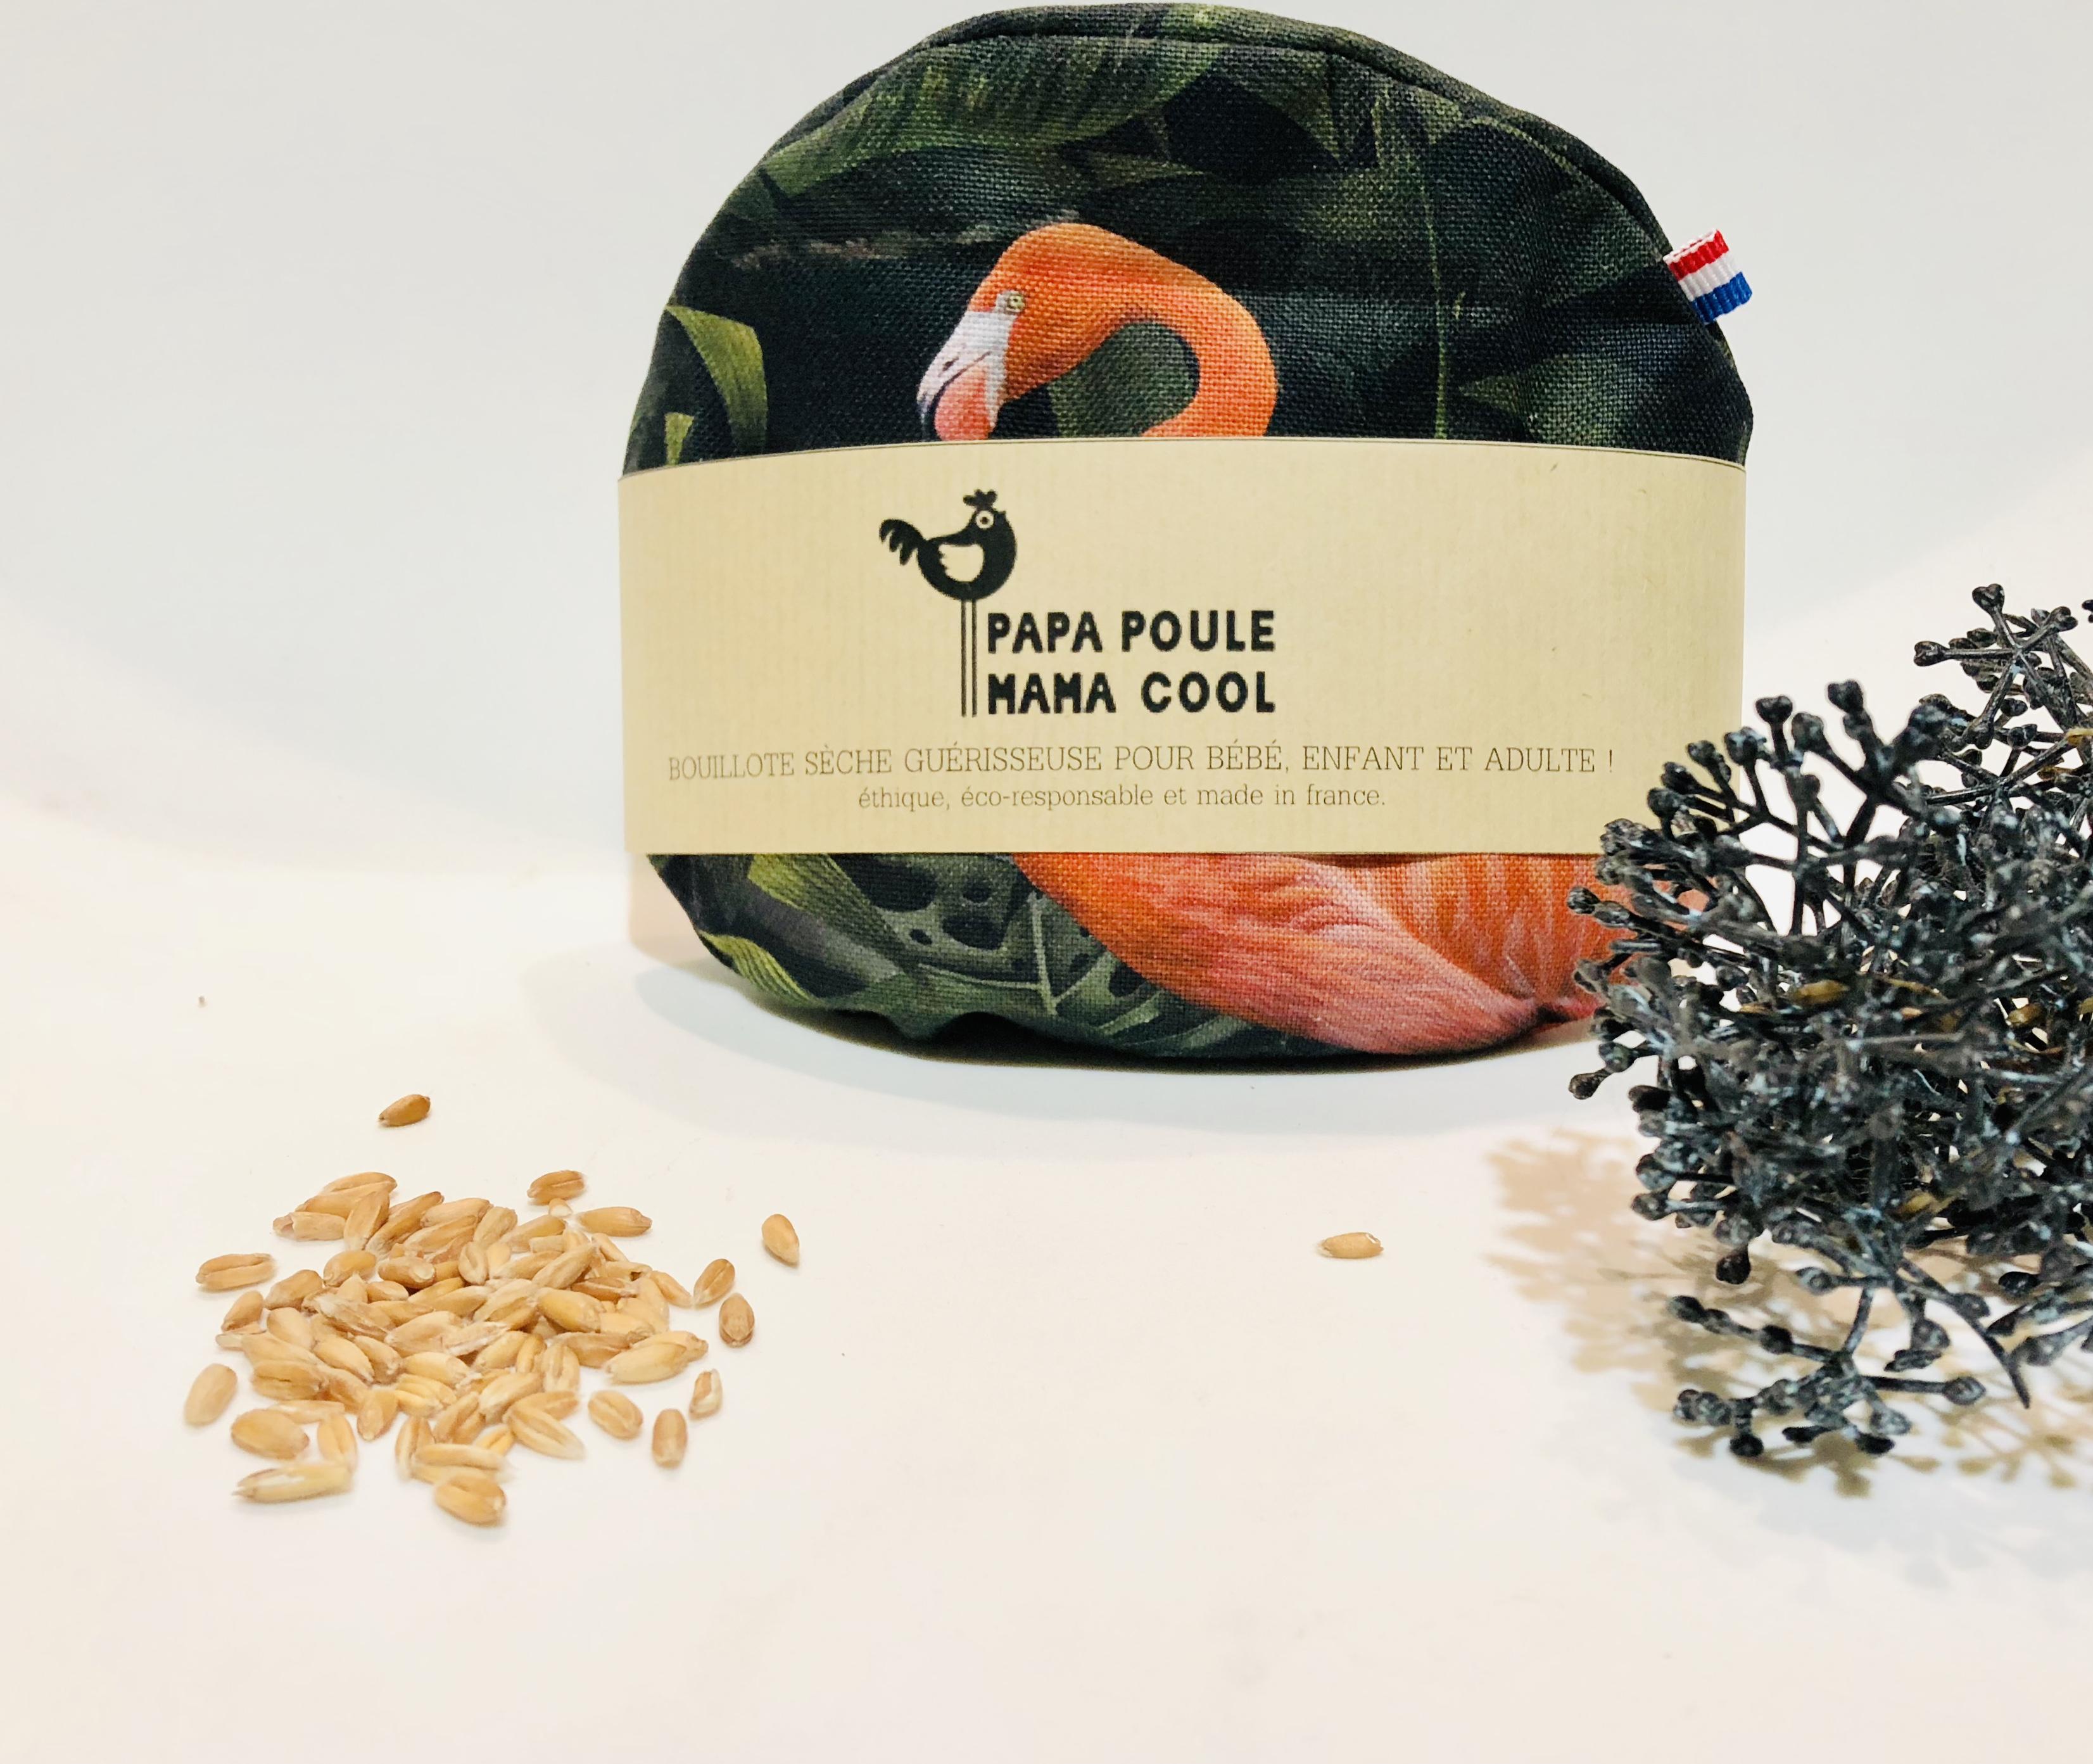 Bouillotte sèche aux graines d'épeautre bio Française et motif sauvage des lacs